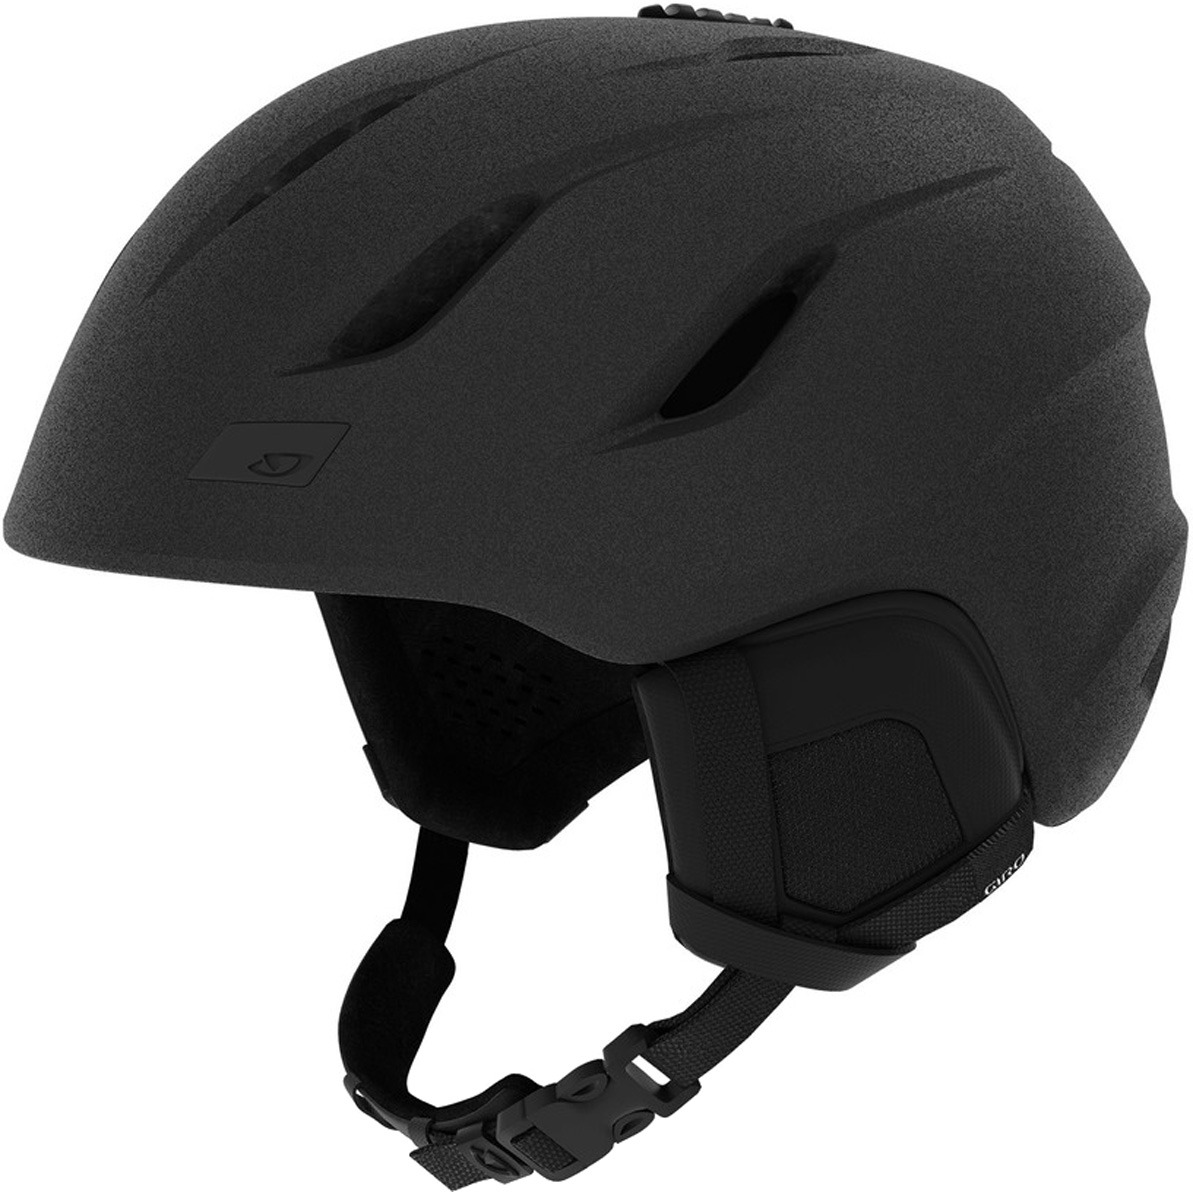 цена на Шлем горнолыжный Giro Nine, 7093766, серый, размер XL (62-65)